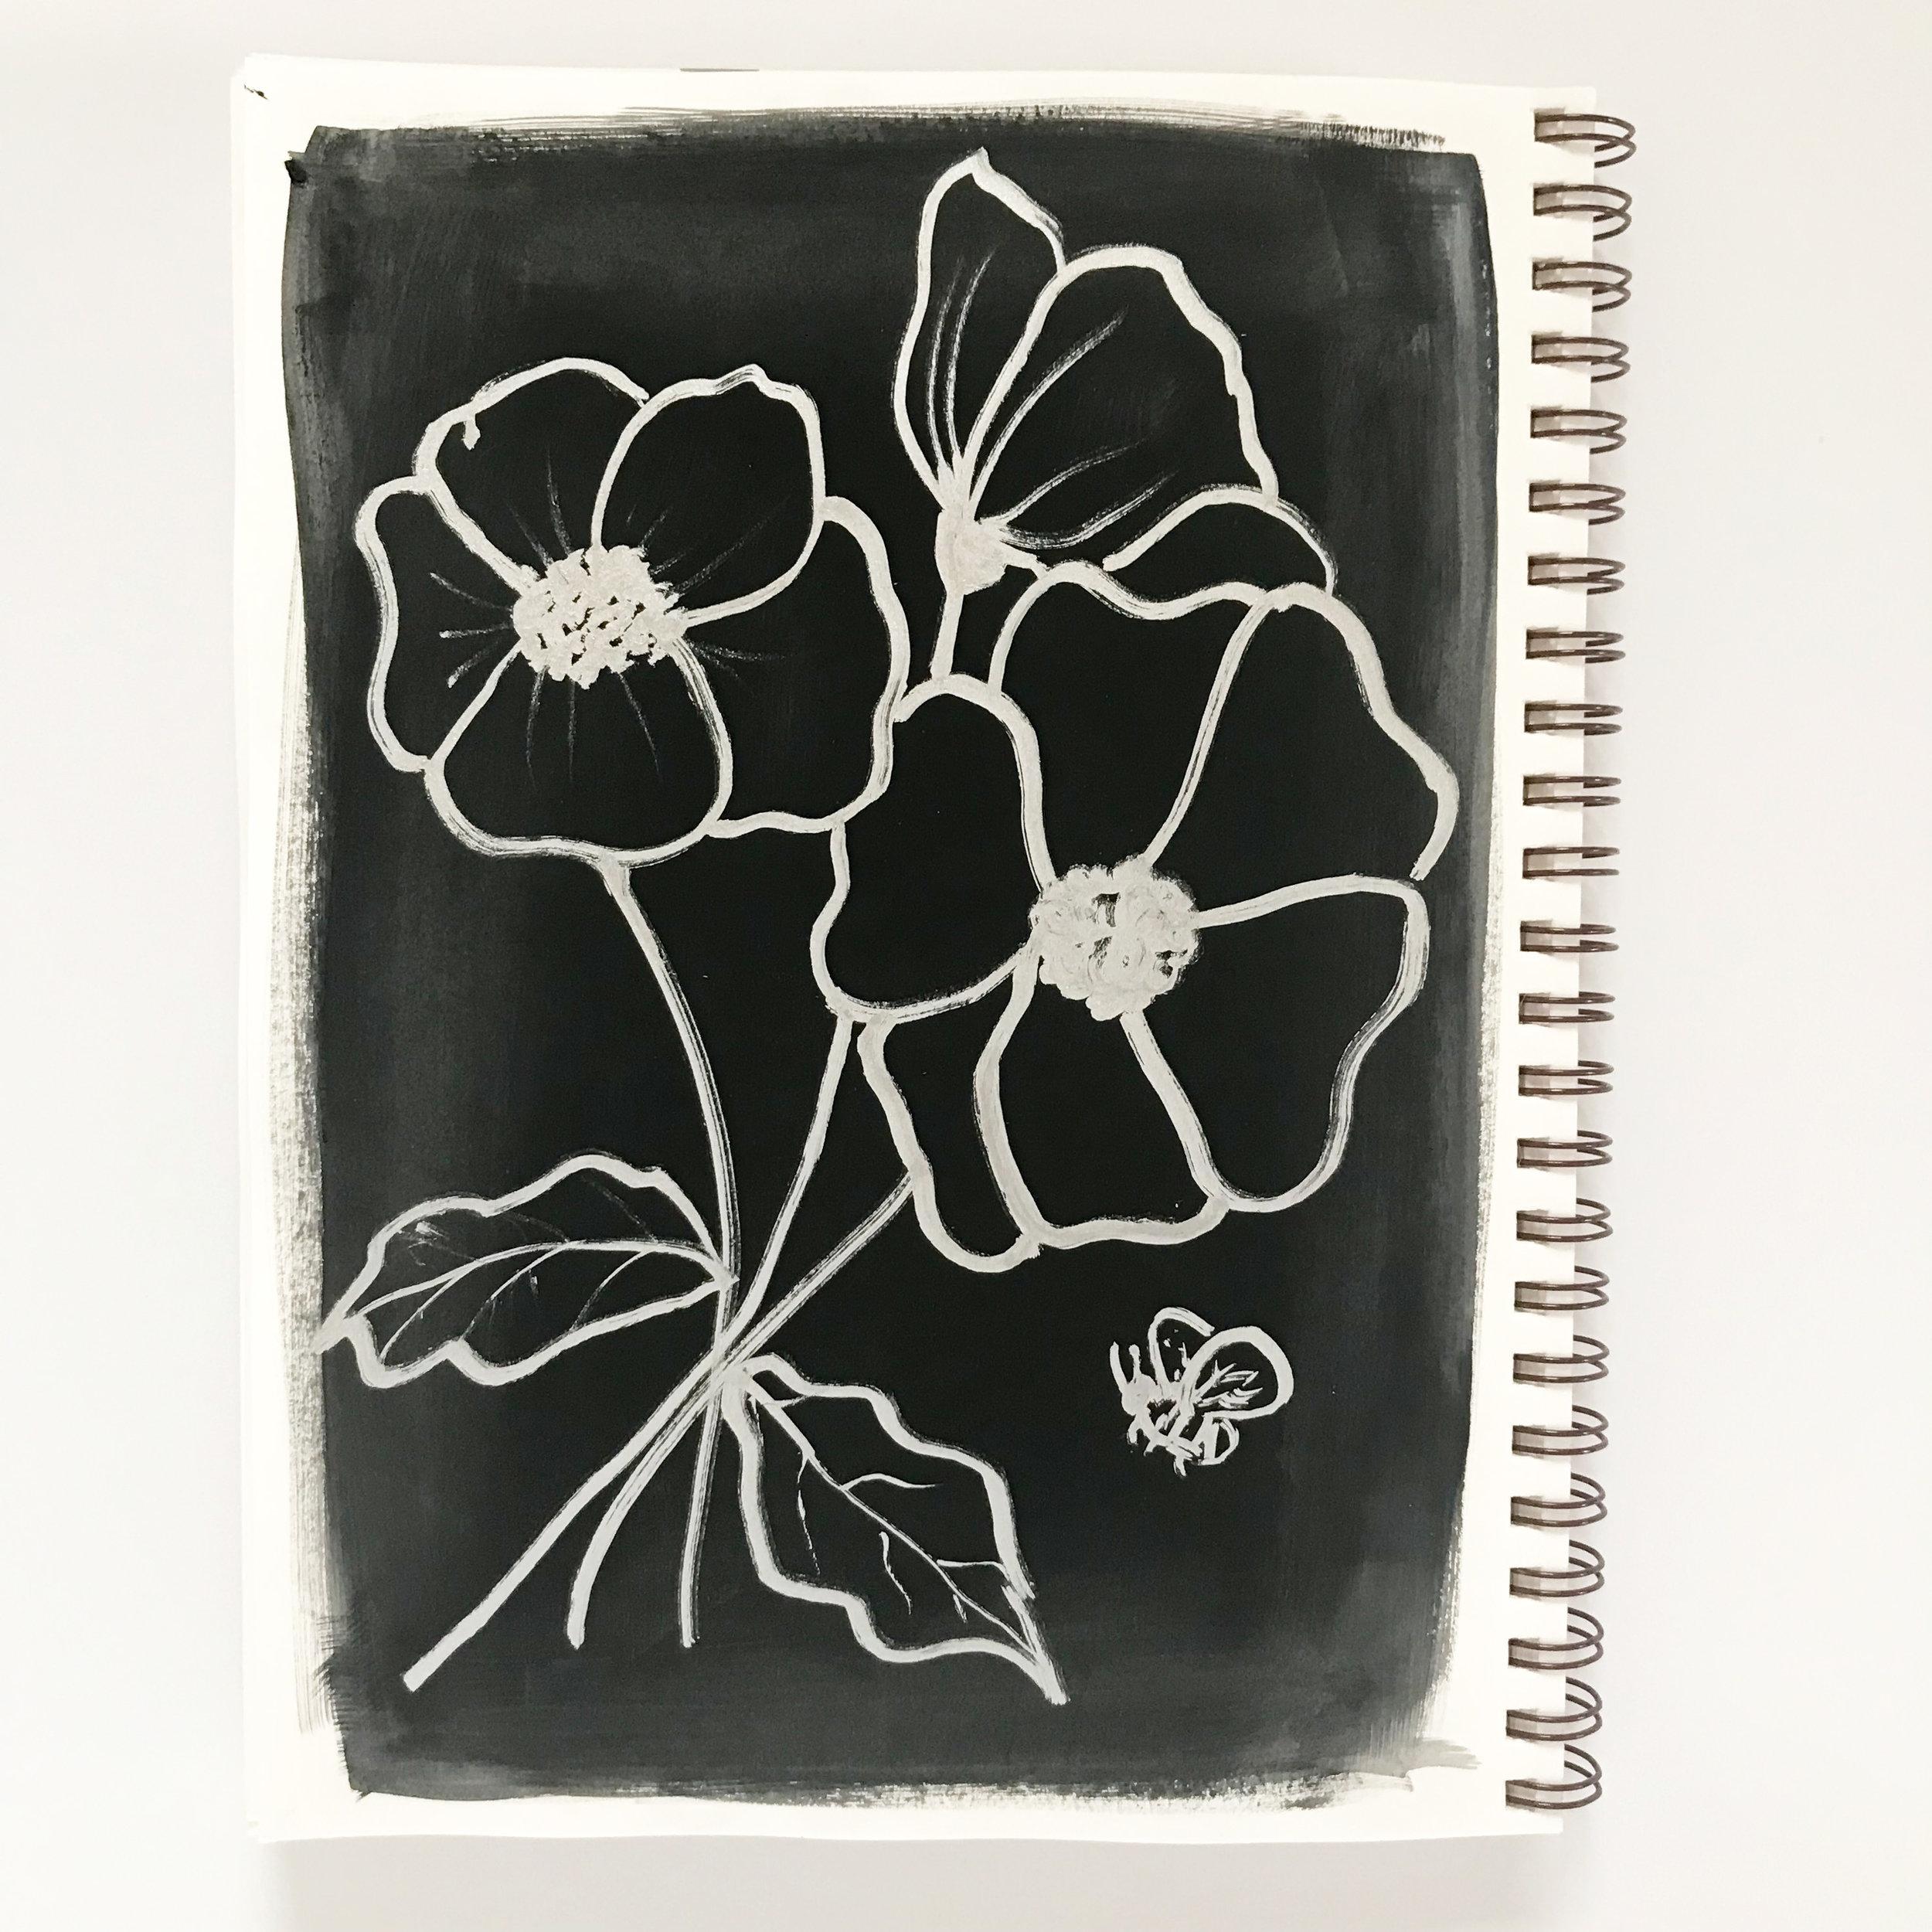 Krylon Silver Leafing Pen on Black Paint in My Sketchbook